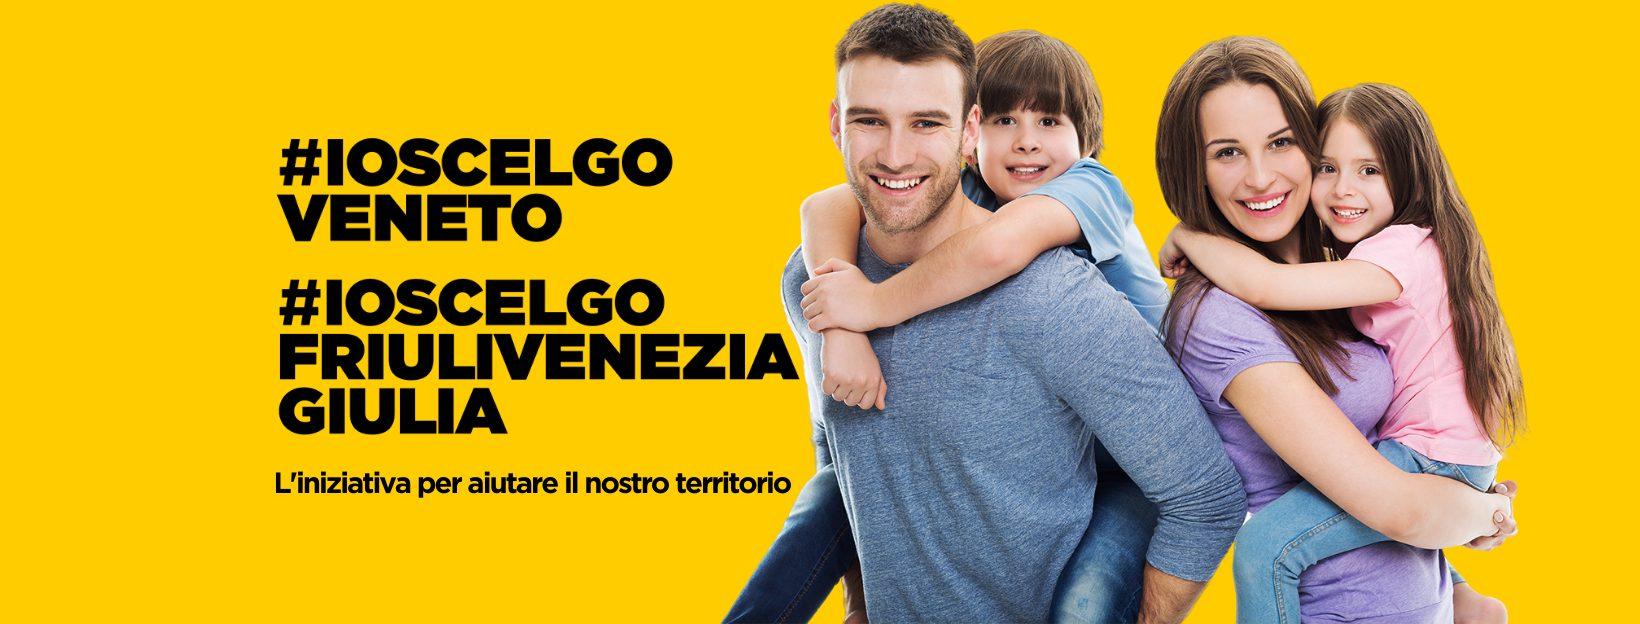 #ioscelgoveneto.com: la piattaforma online che sostiene gli imprenditori veneti e friulani ai tempi del Coronavirus